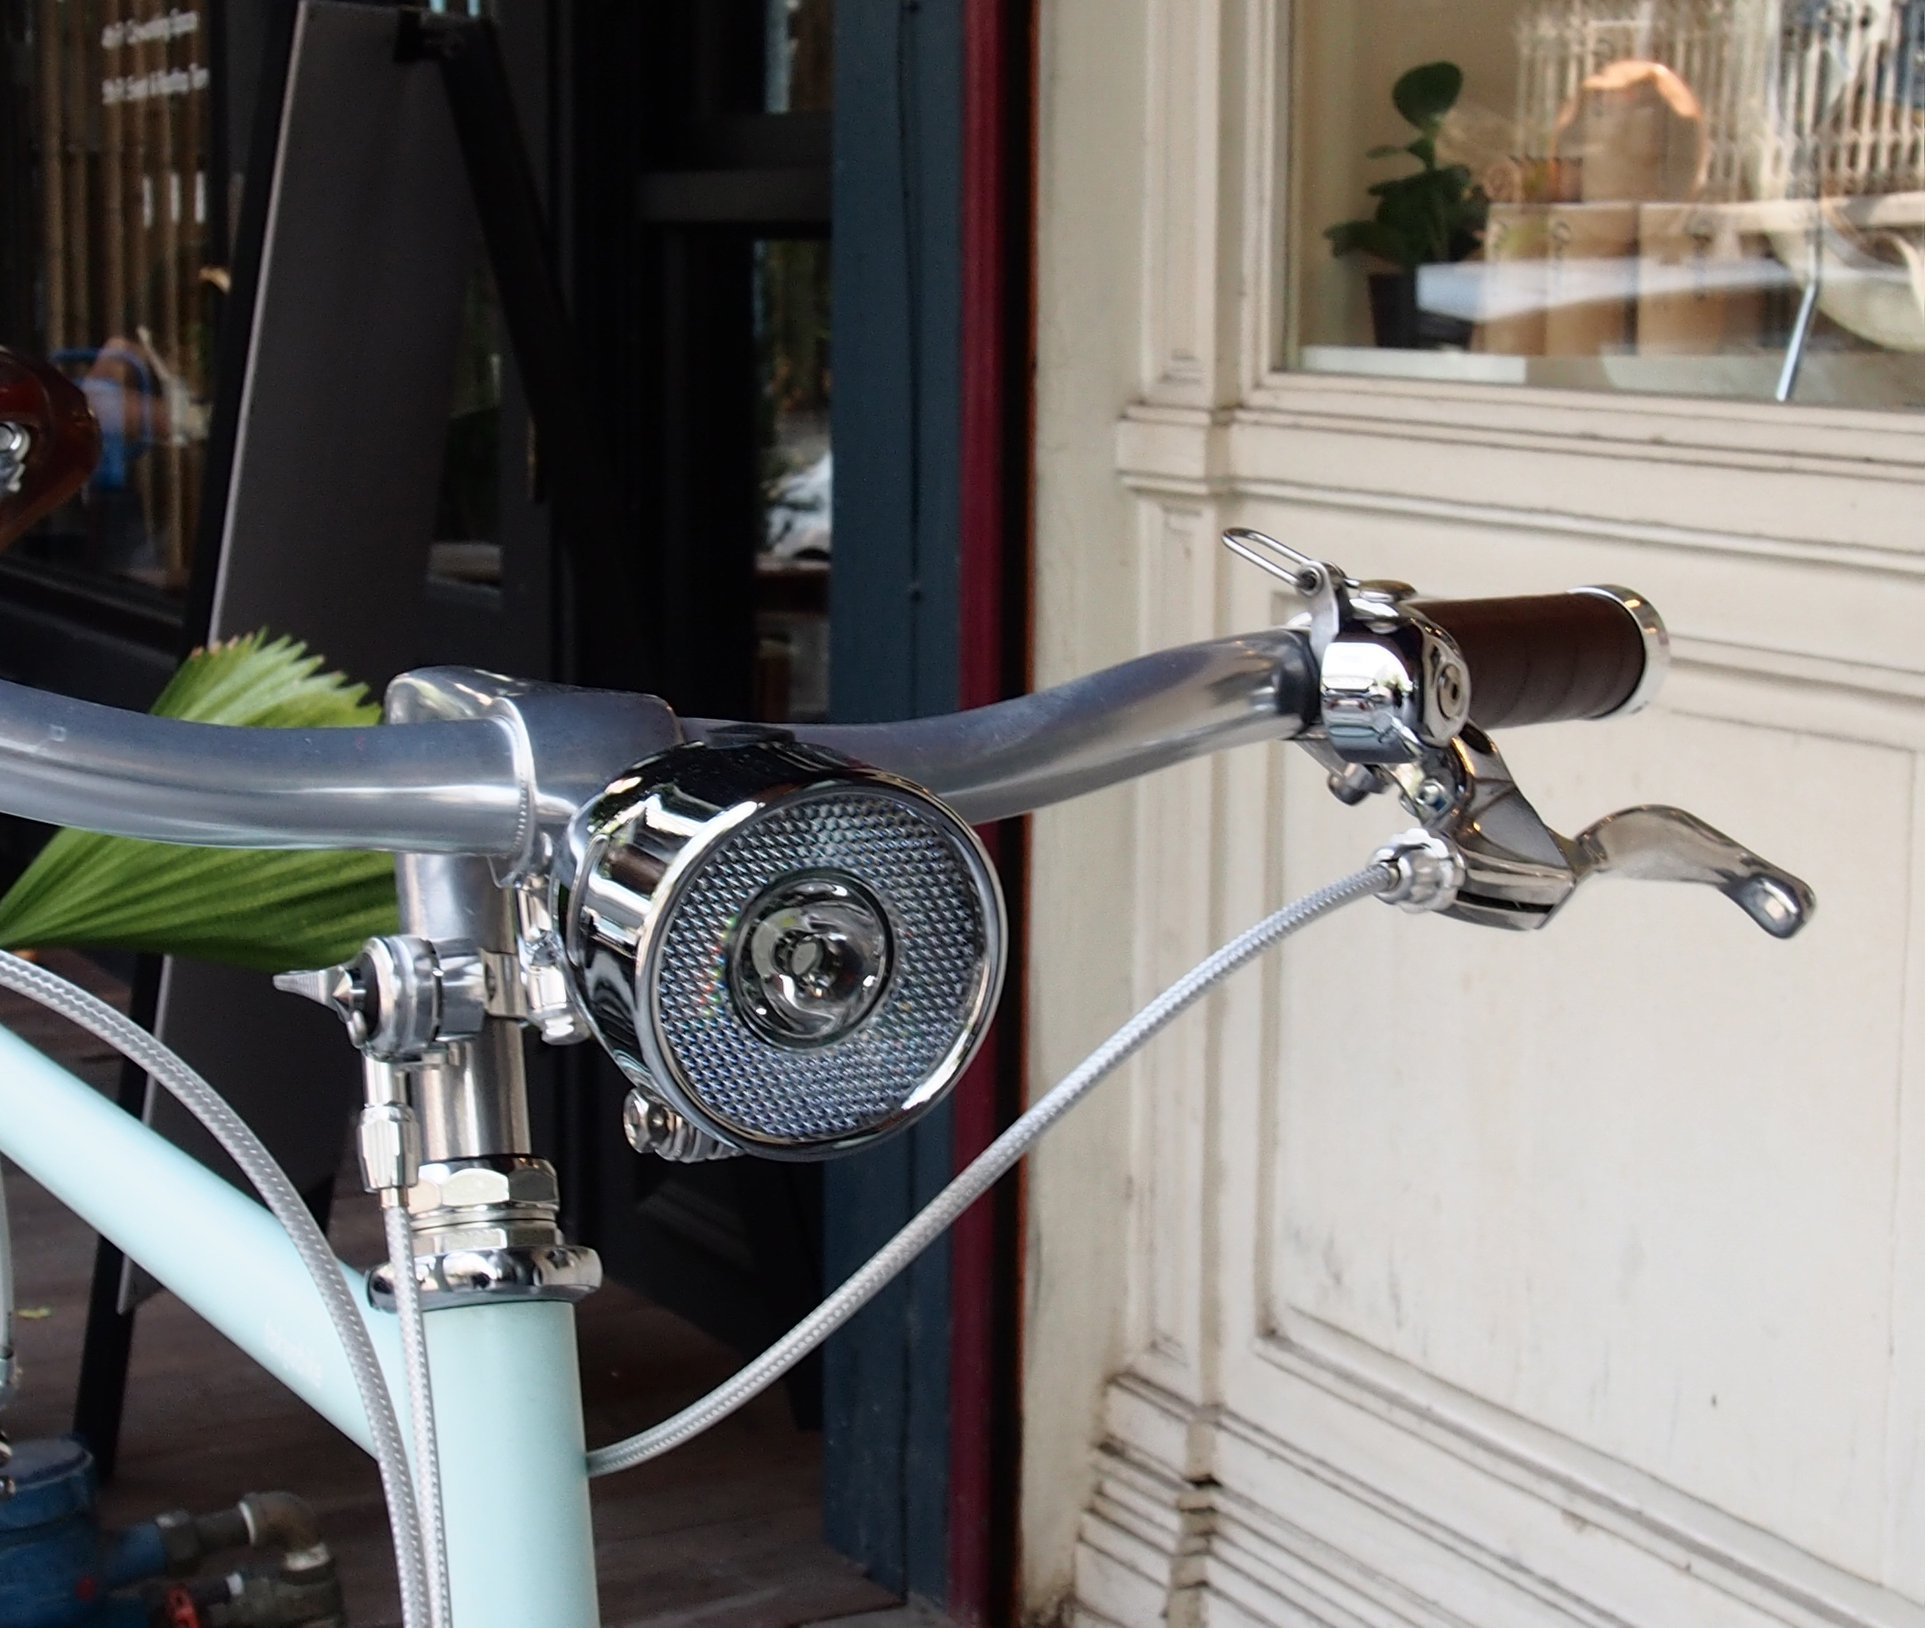 เพิ่มความคลาสสิก ด้วยมือเกียร์แบบ thumbshifter ที่คอจักรยาน โตเกียวไบค์